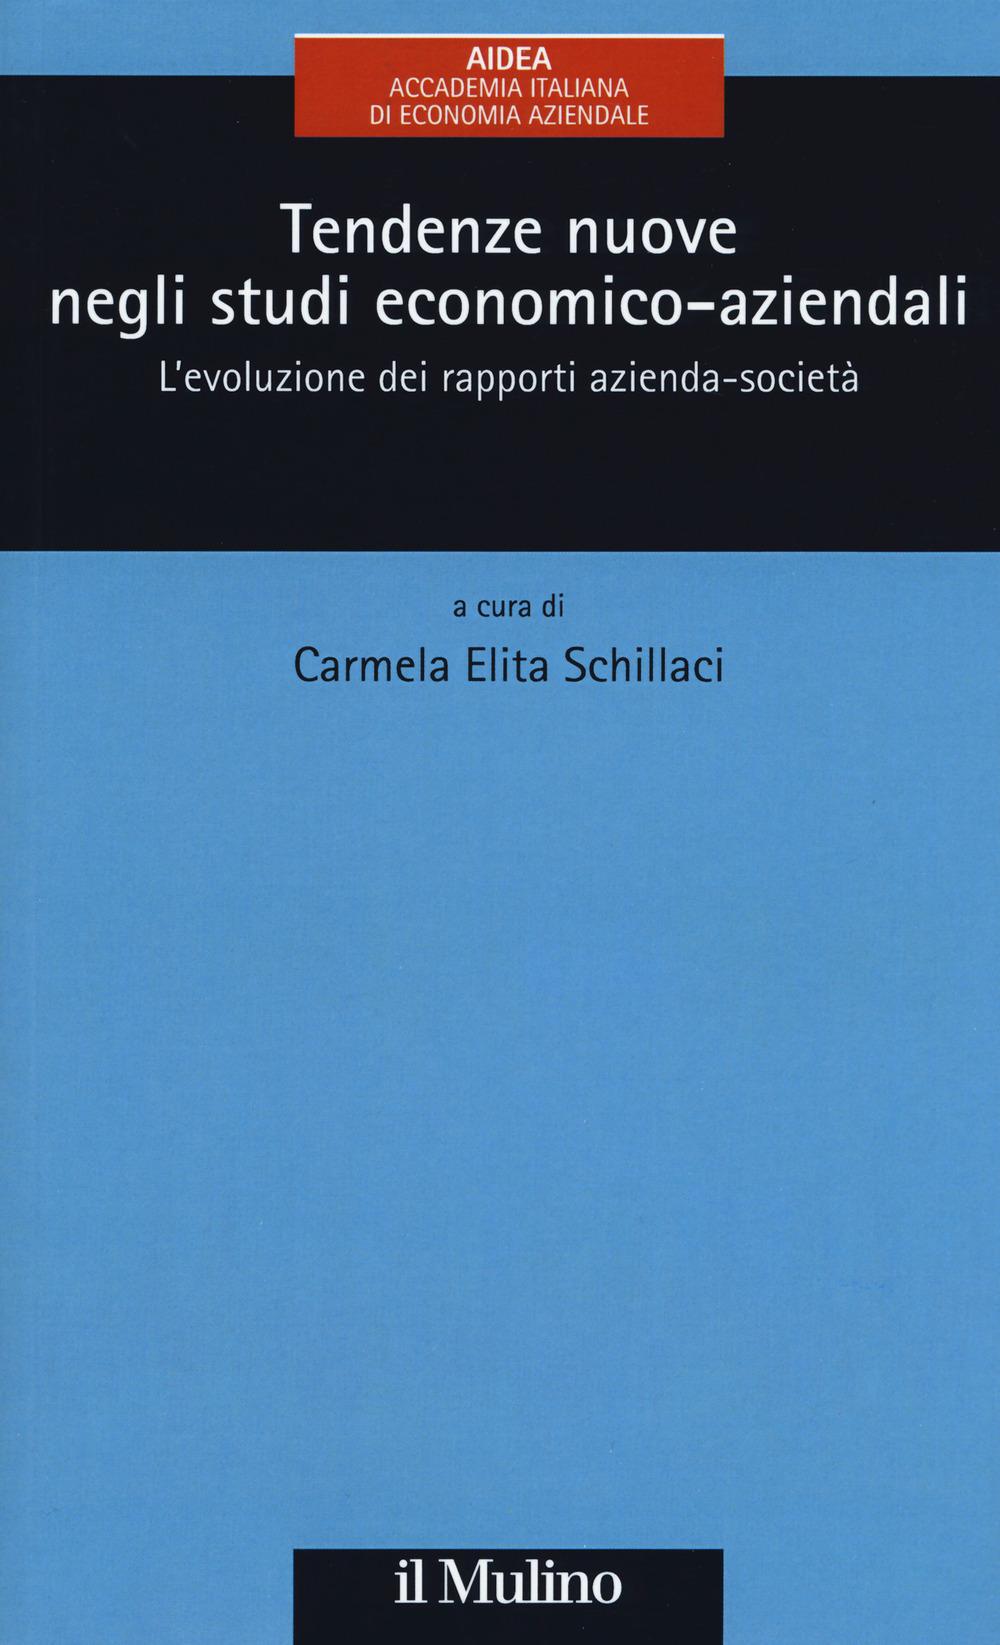 TENDENZE NUOVE NEGLI STUDI ECONOMICO-AZIENDALI. L'EVOLUZIONE DEI RAPPORTI AZIENDA-SOCIETÀ - Schillaci C. E. (cur.) - 9788815280572